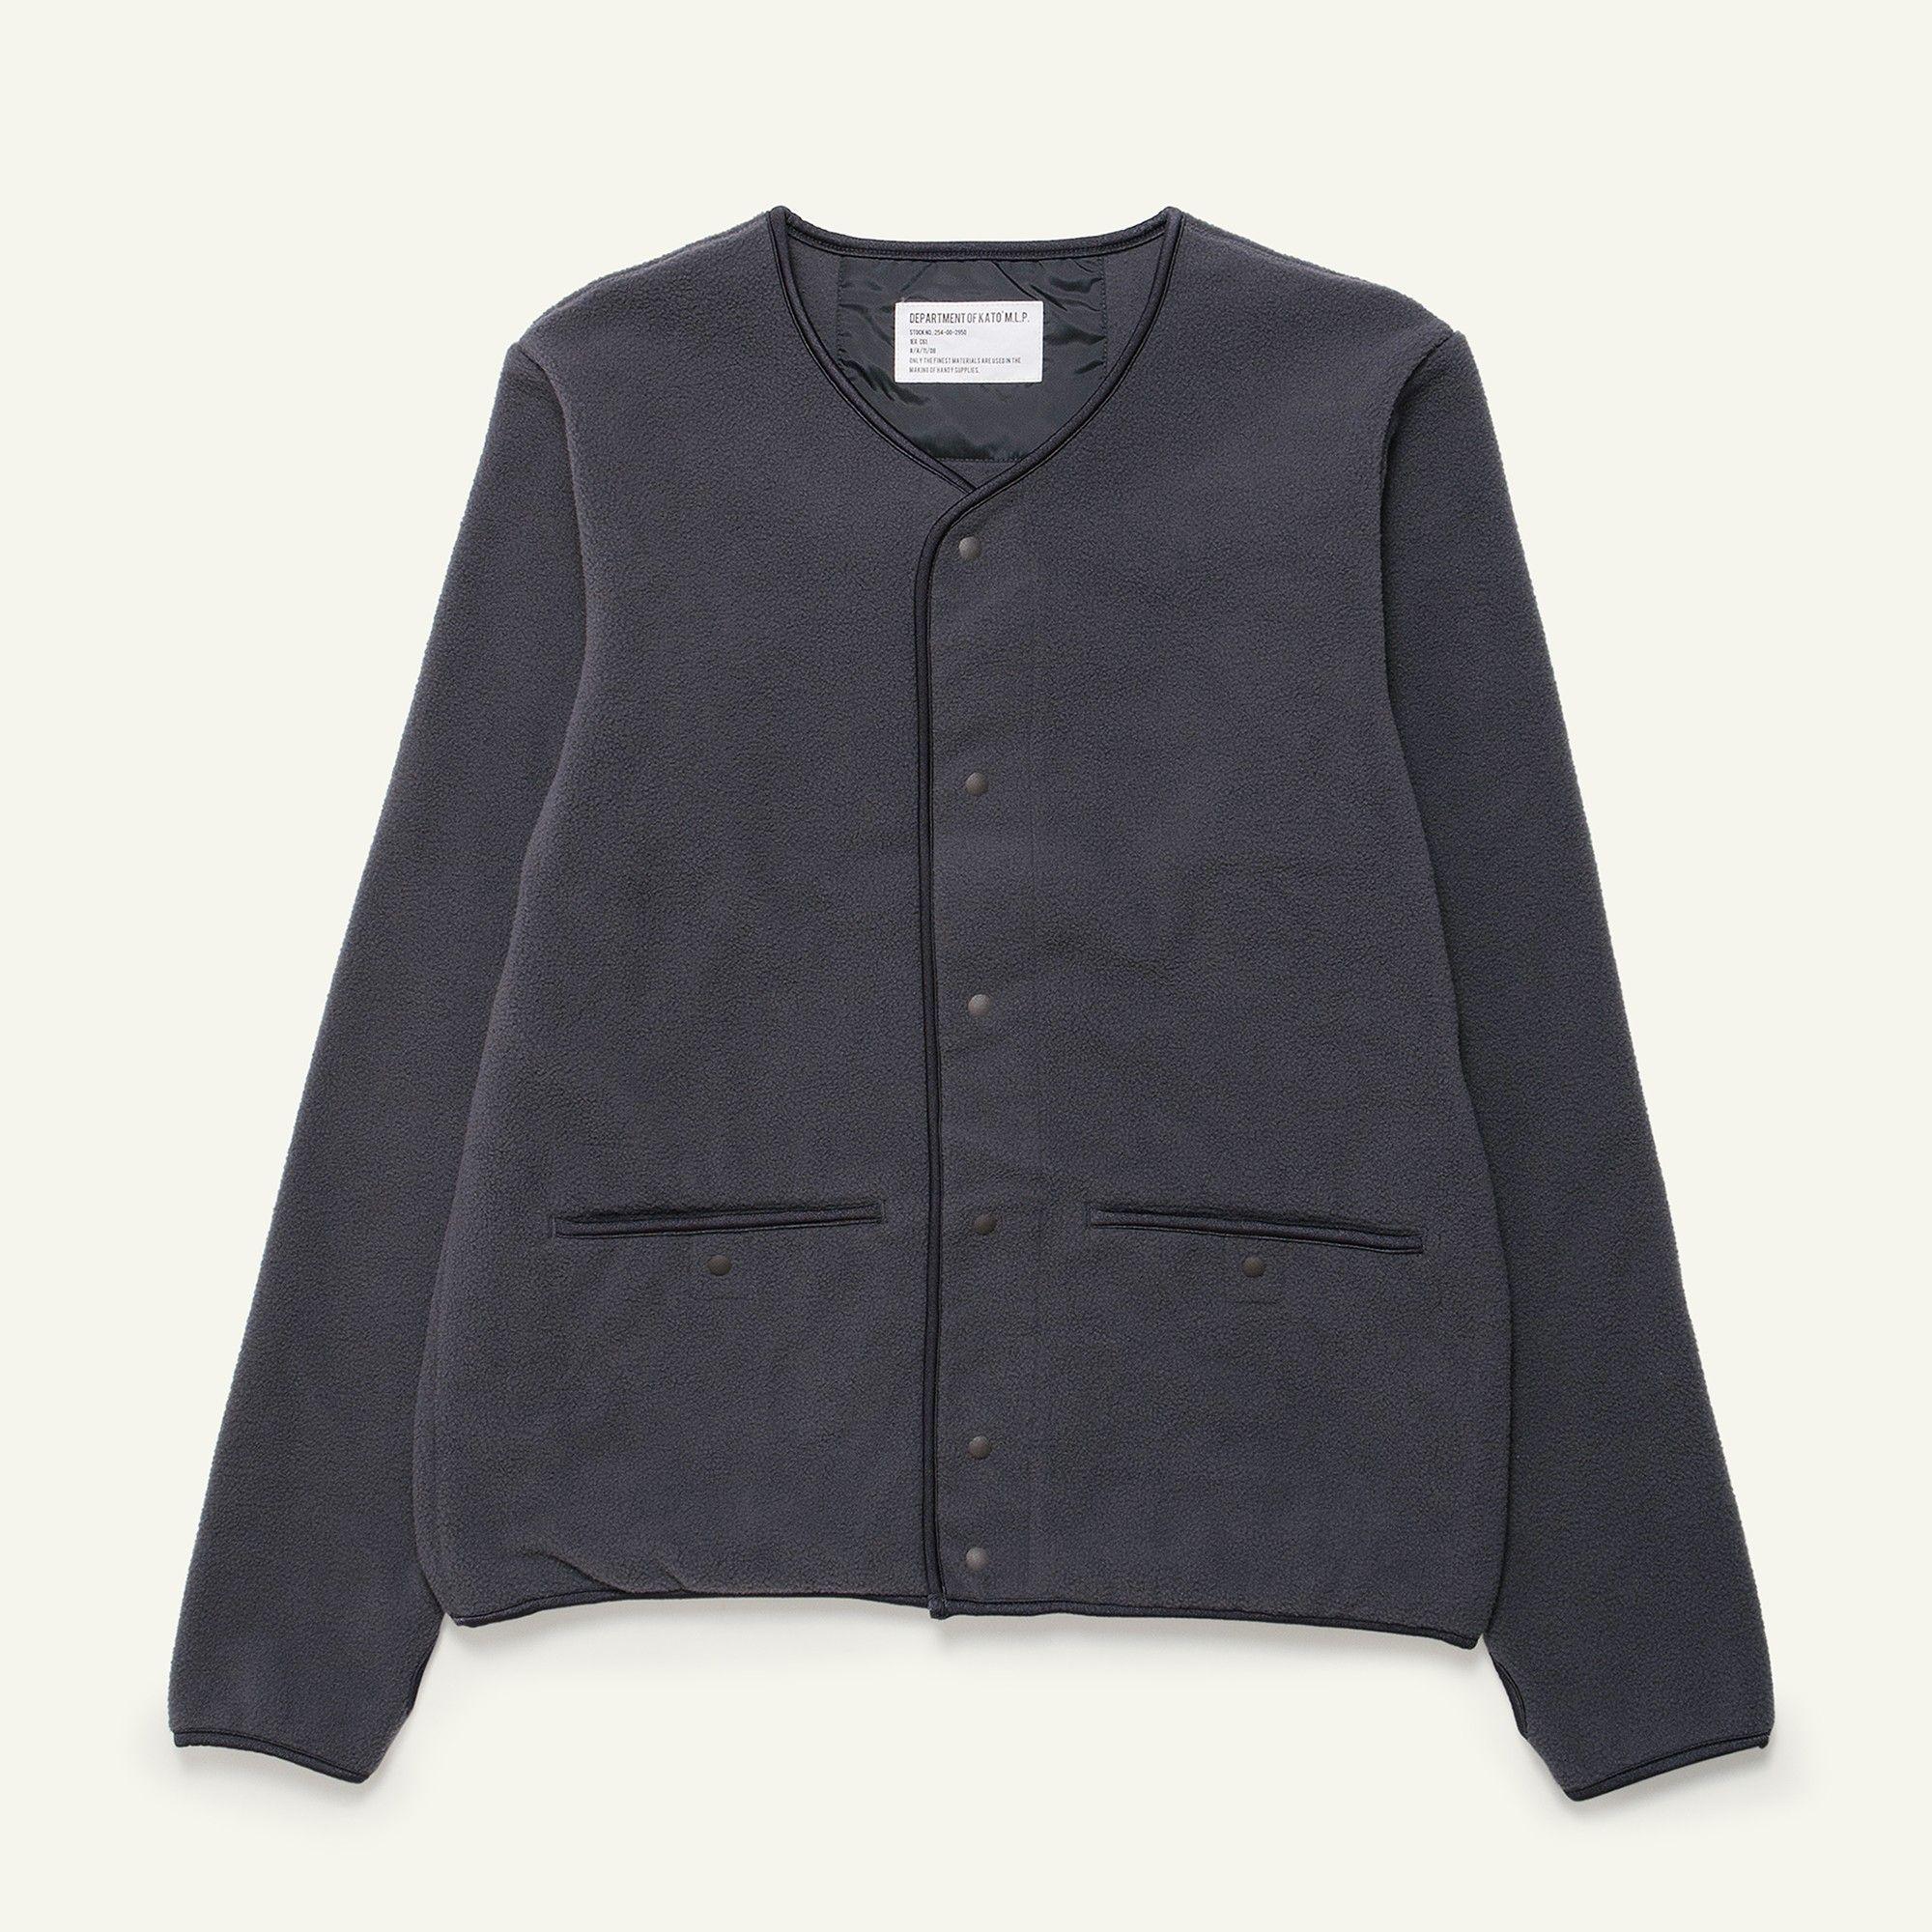 KATO' Tool Project Fleece Cardigan | Stylespiration | Pinterest ...